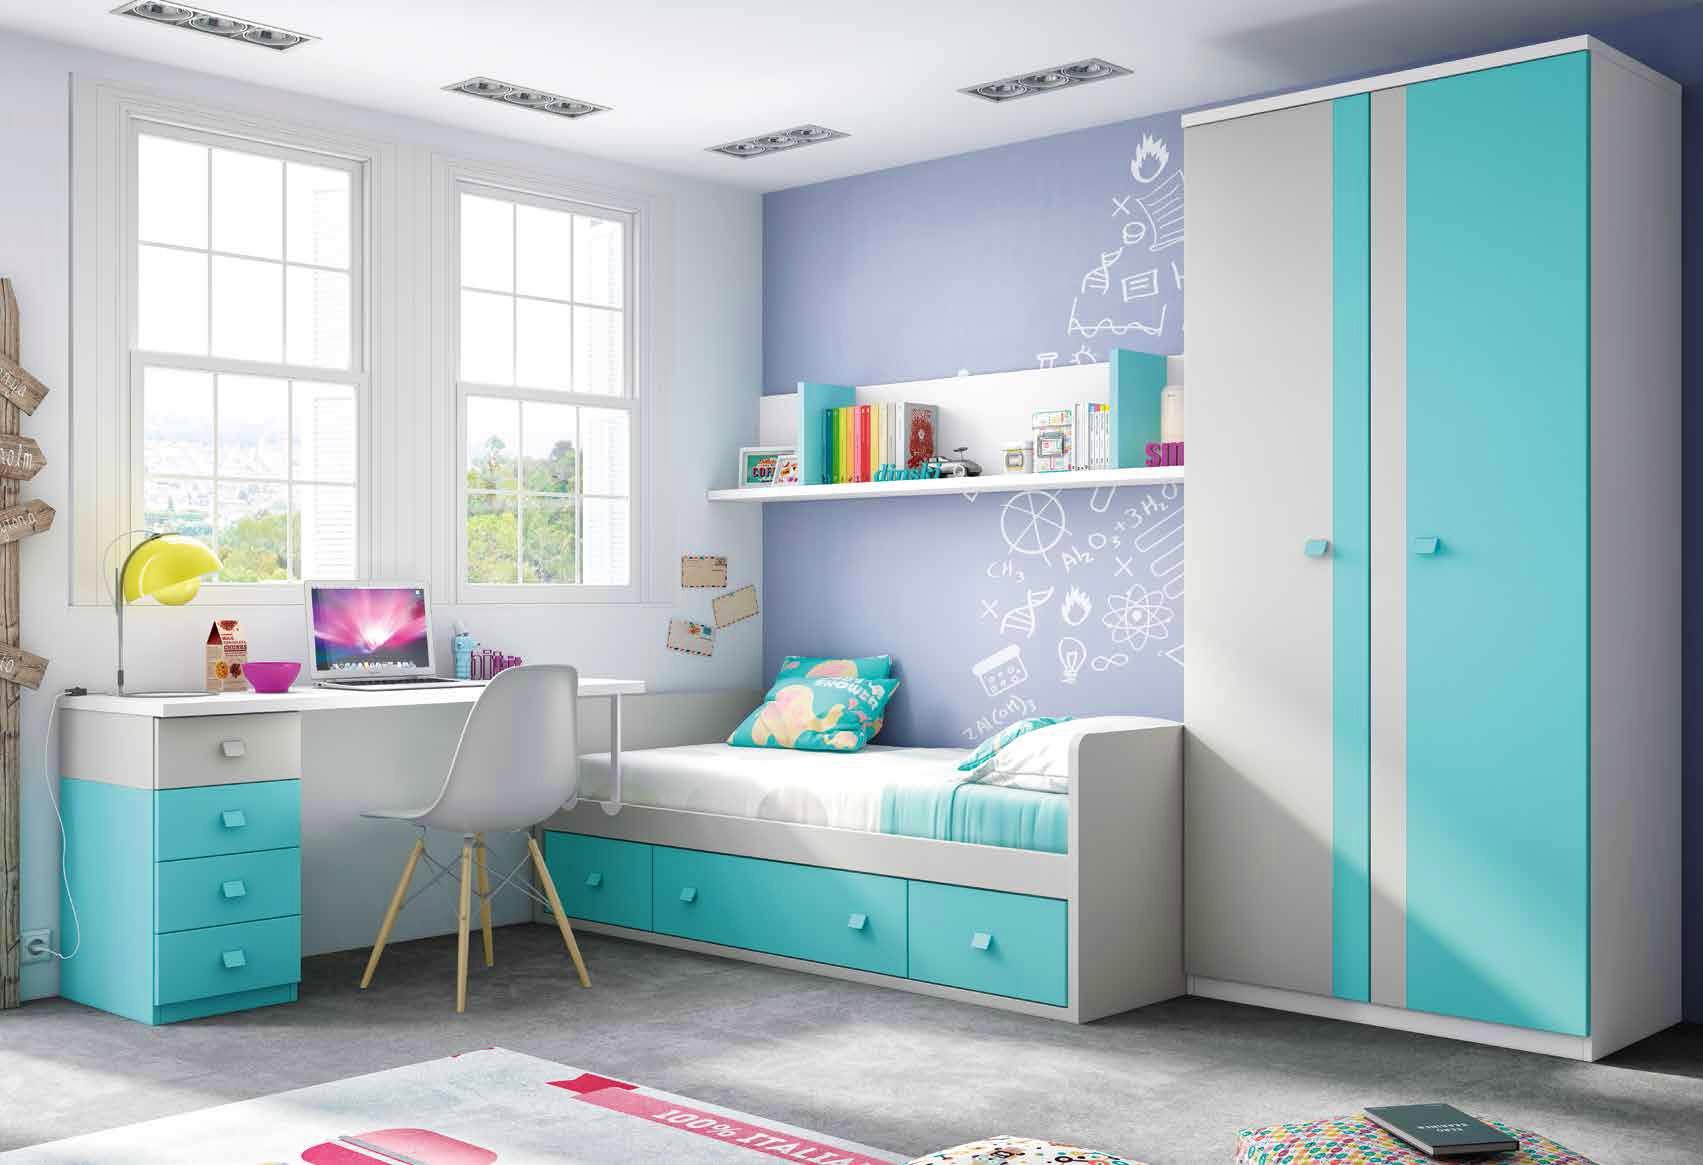 Chambre Petit Garon 3 Ans Fabulous Awesome Peinture Chambre